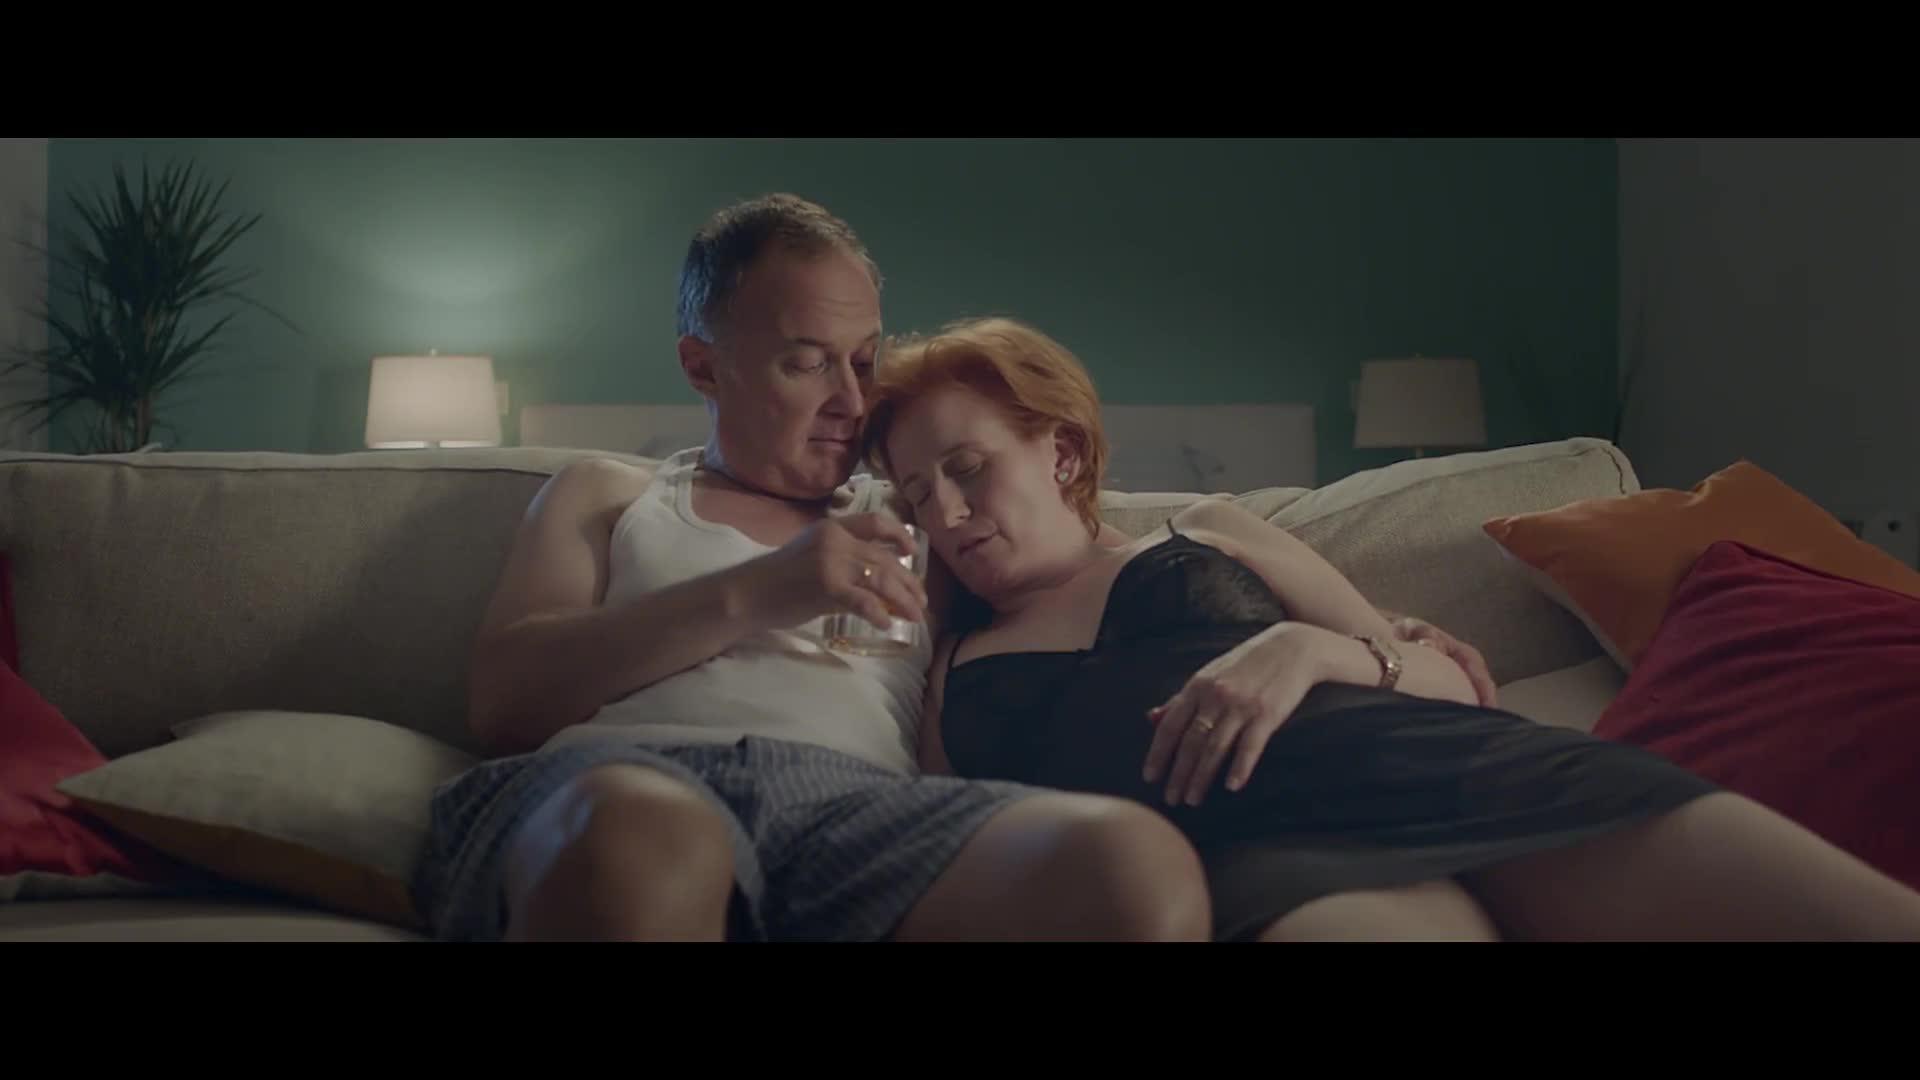 Секс по любви фото, жопы раком смотреть фото